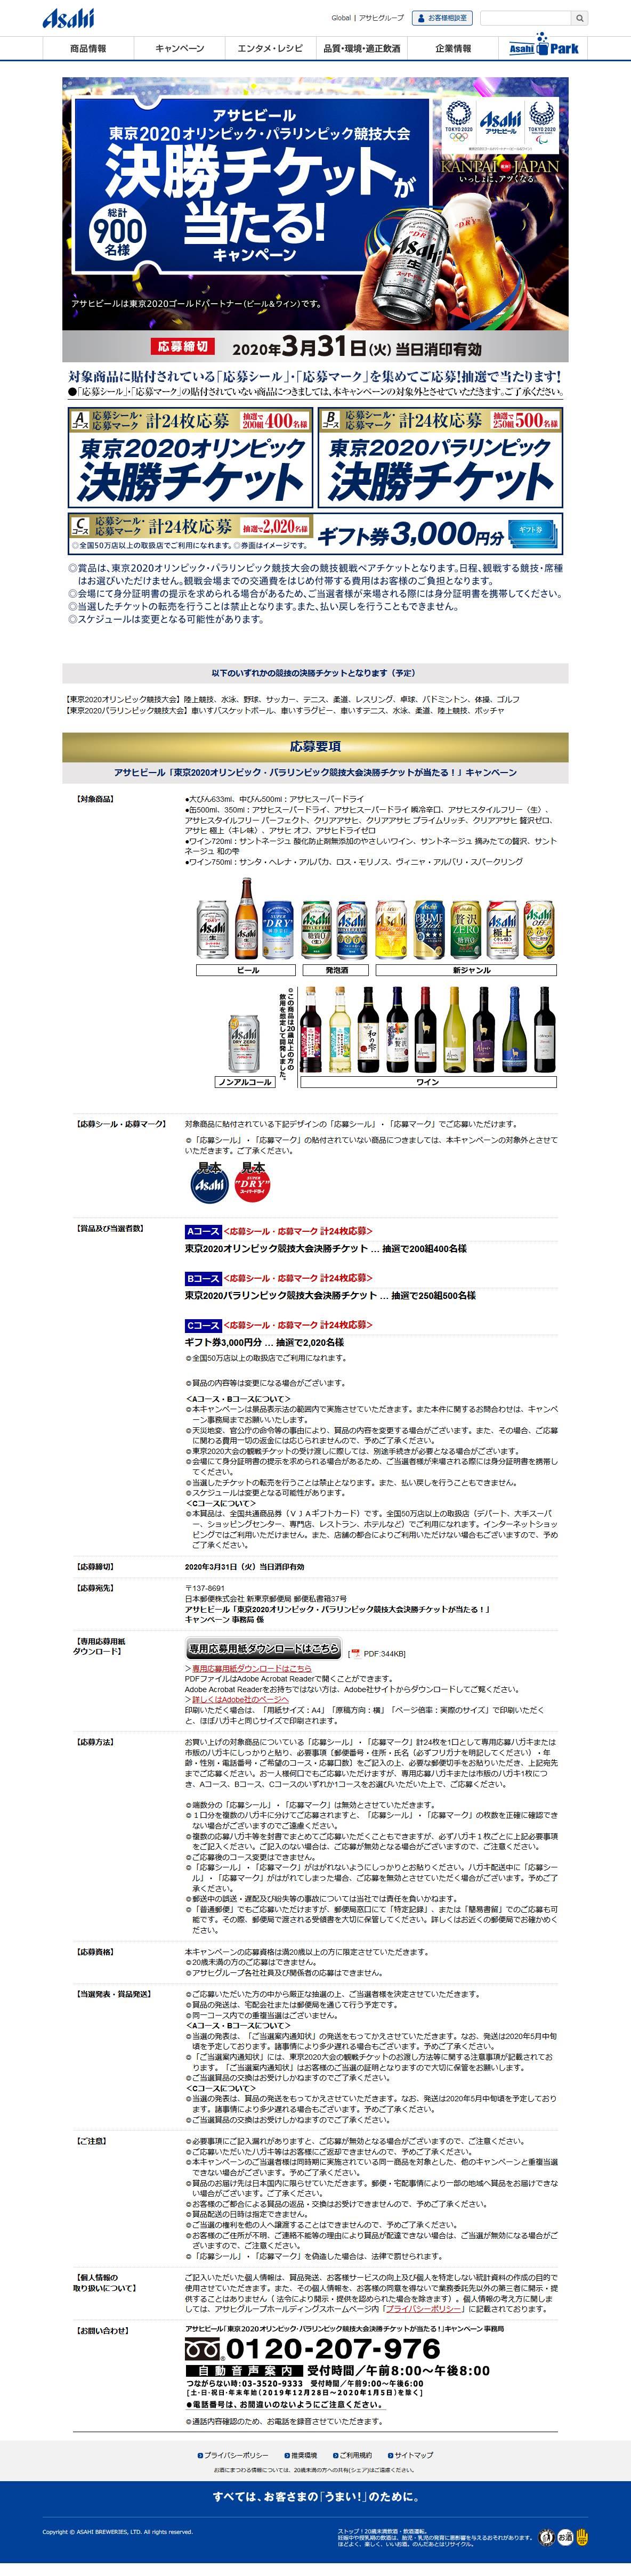 アサヒビール「東京2020オリンピック・パラリンピック競技大会決勝チケットが当たる!」キャンペーン